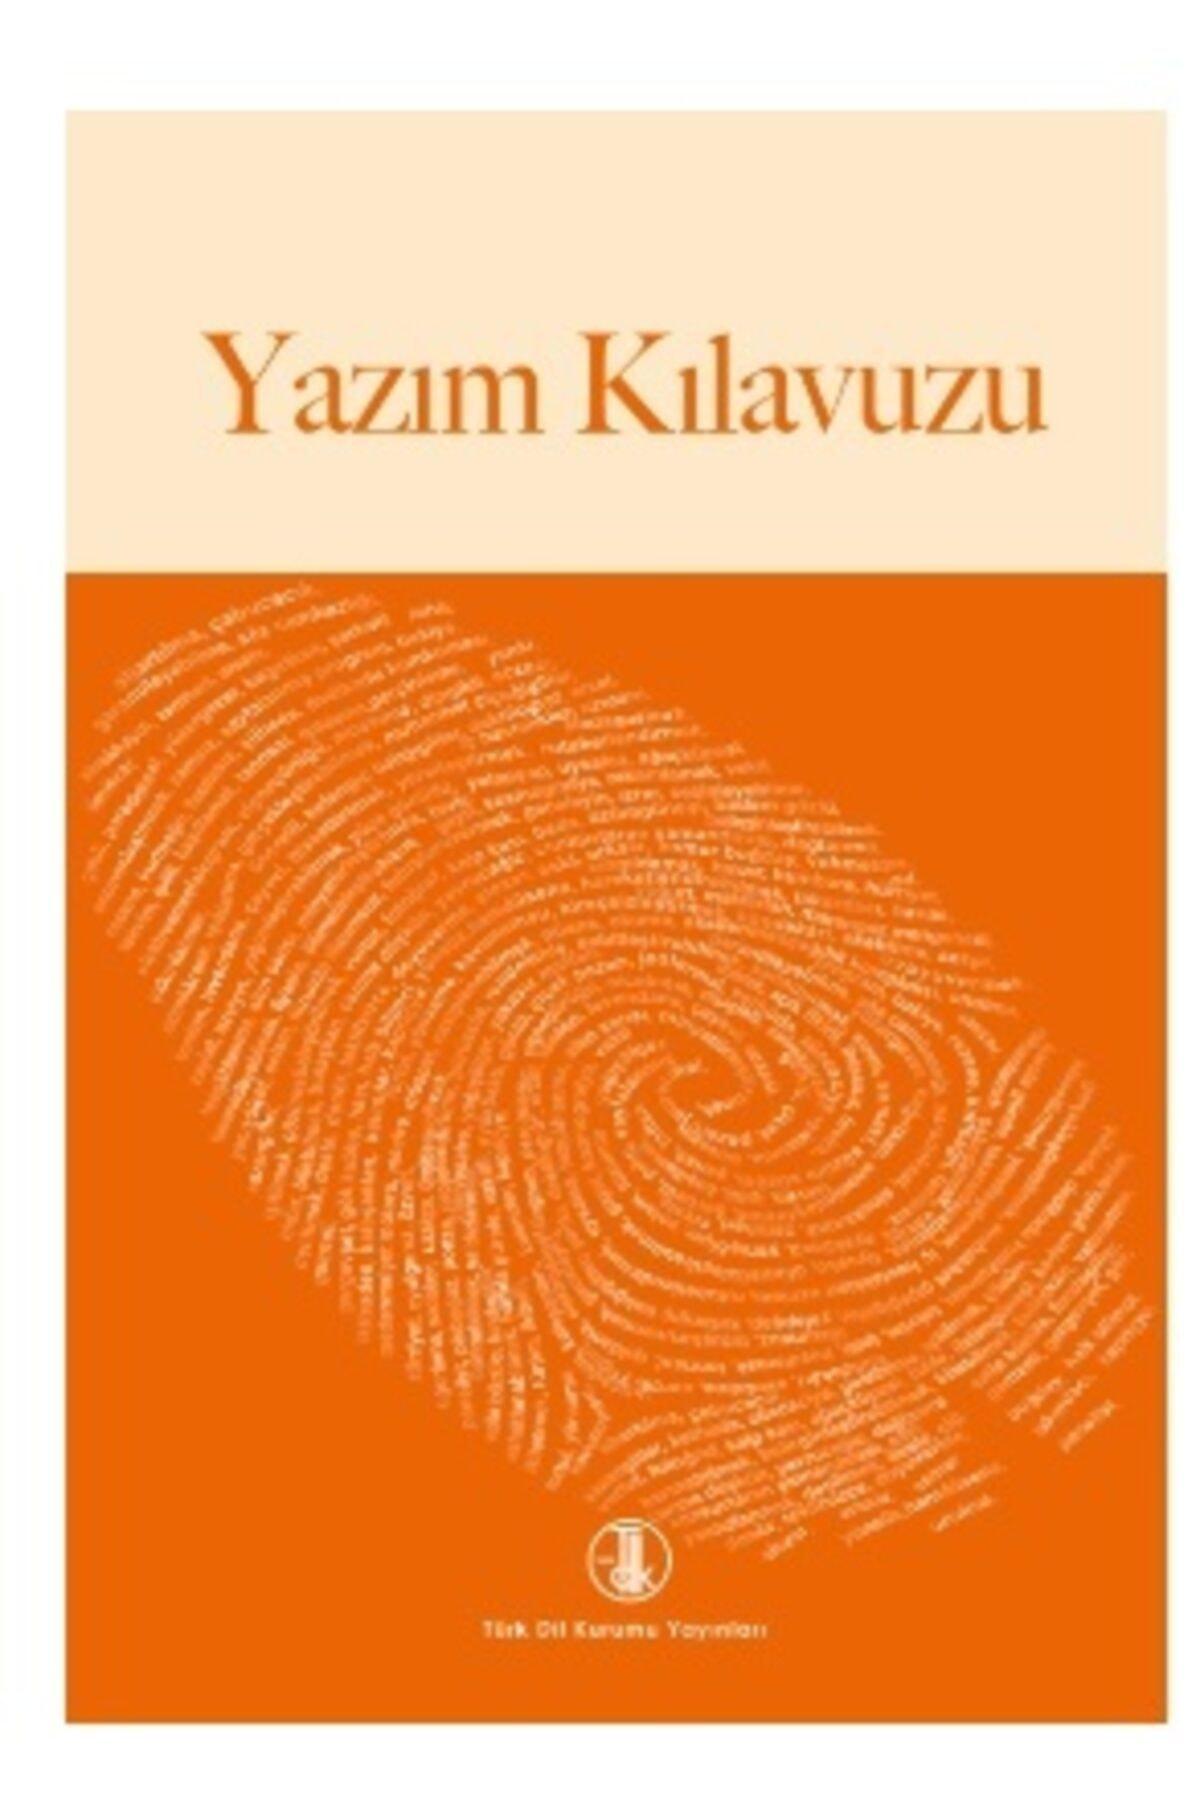 2021 Tdk Yazım Kılavuzu Türk Dil Kurumu